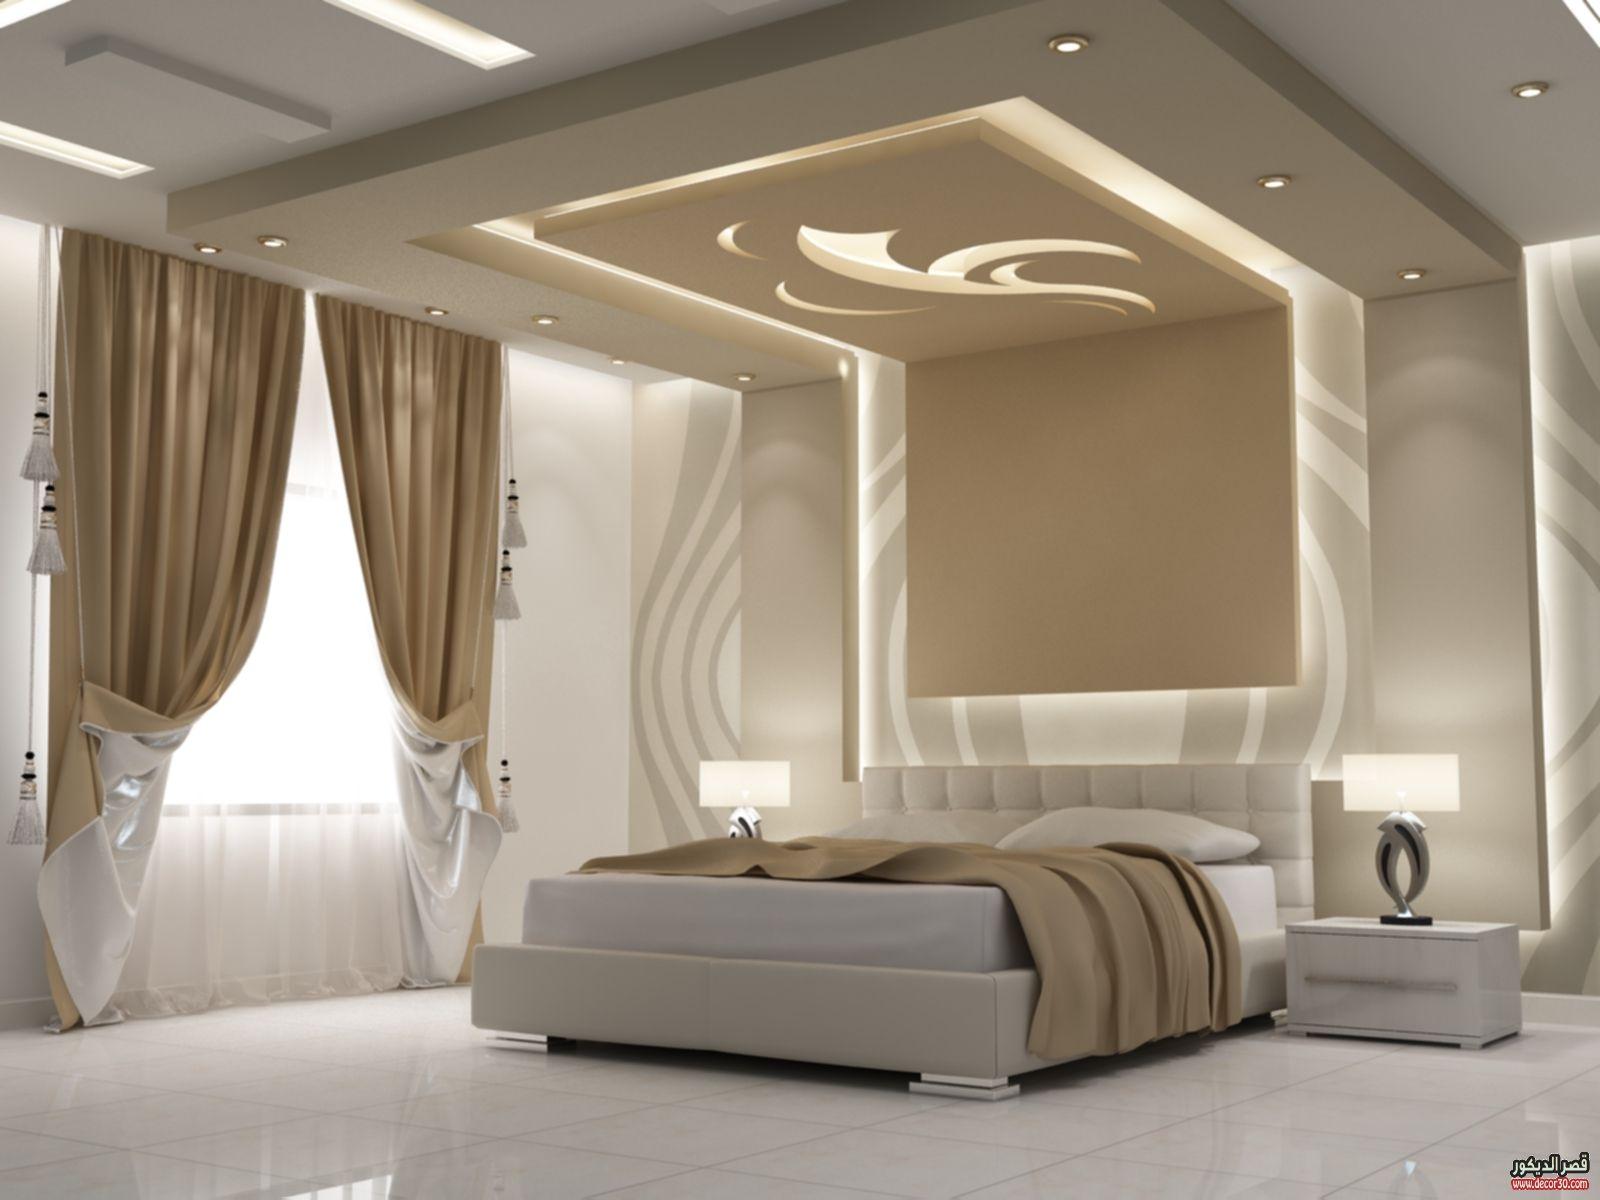 اشكال اسقف جبس بورد غرف وصالات وريسبشن متنوعة قصر الديكور Unique Bedroom Design Ceiling Design Living Room Bedroom False Ceiling Design